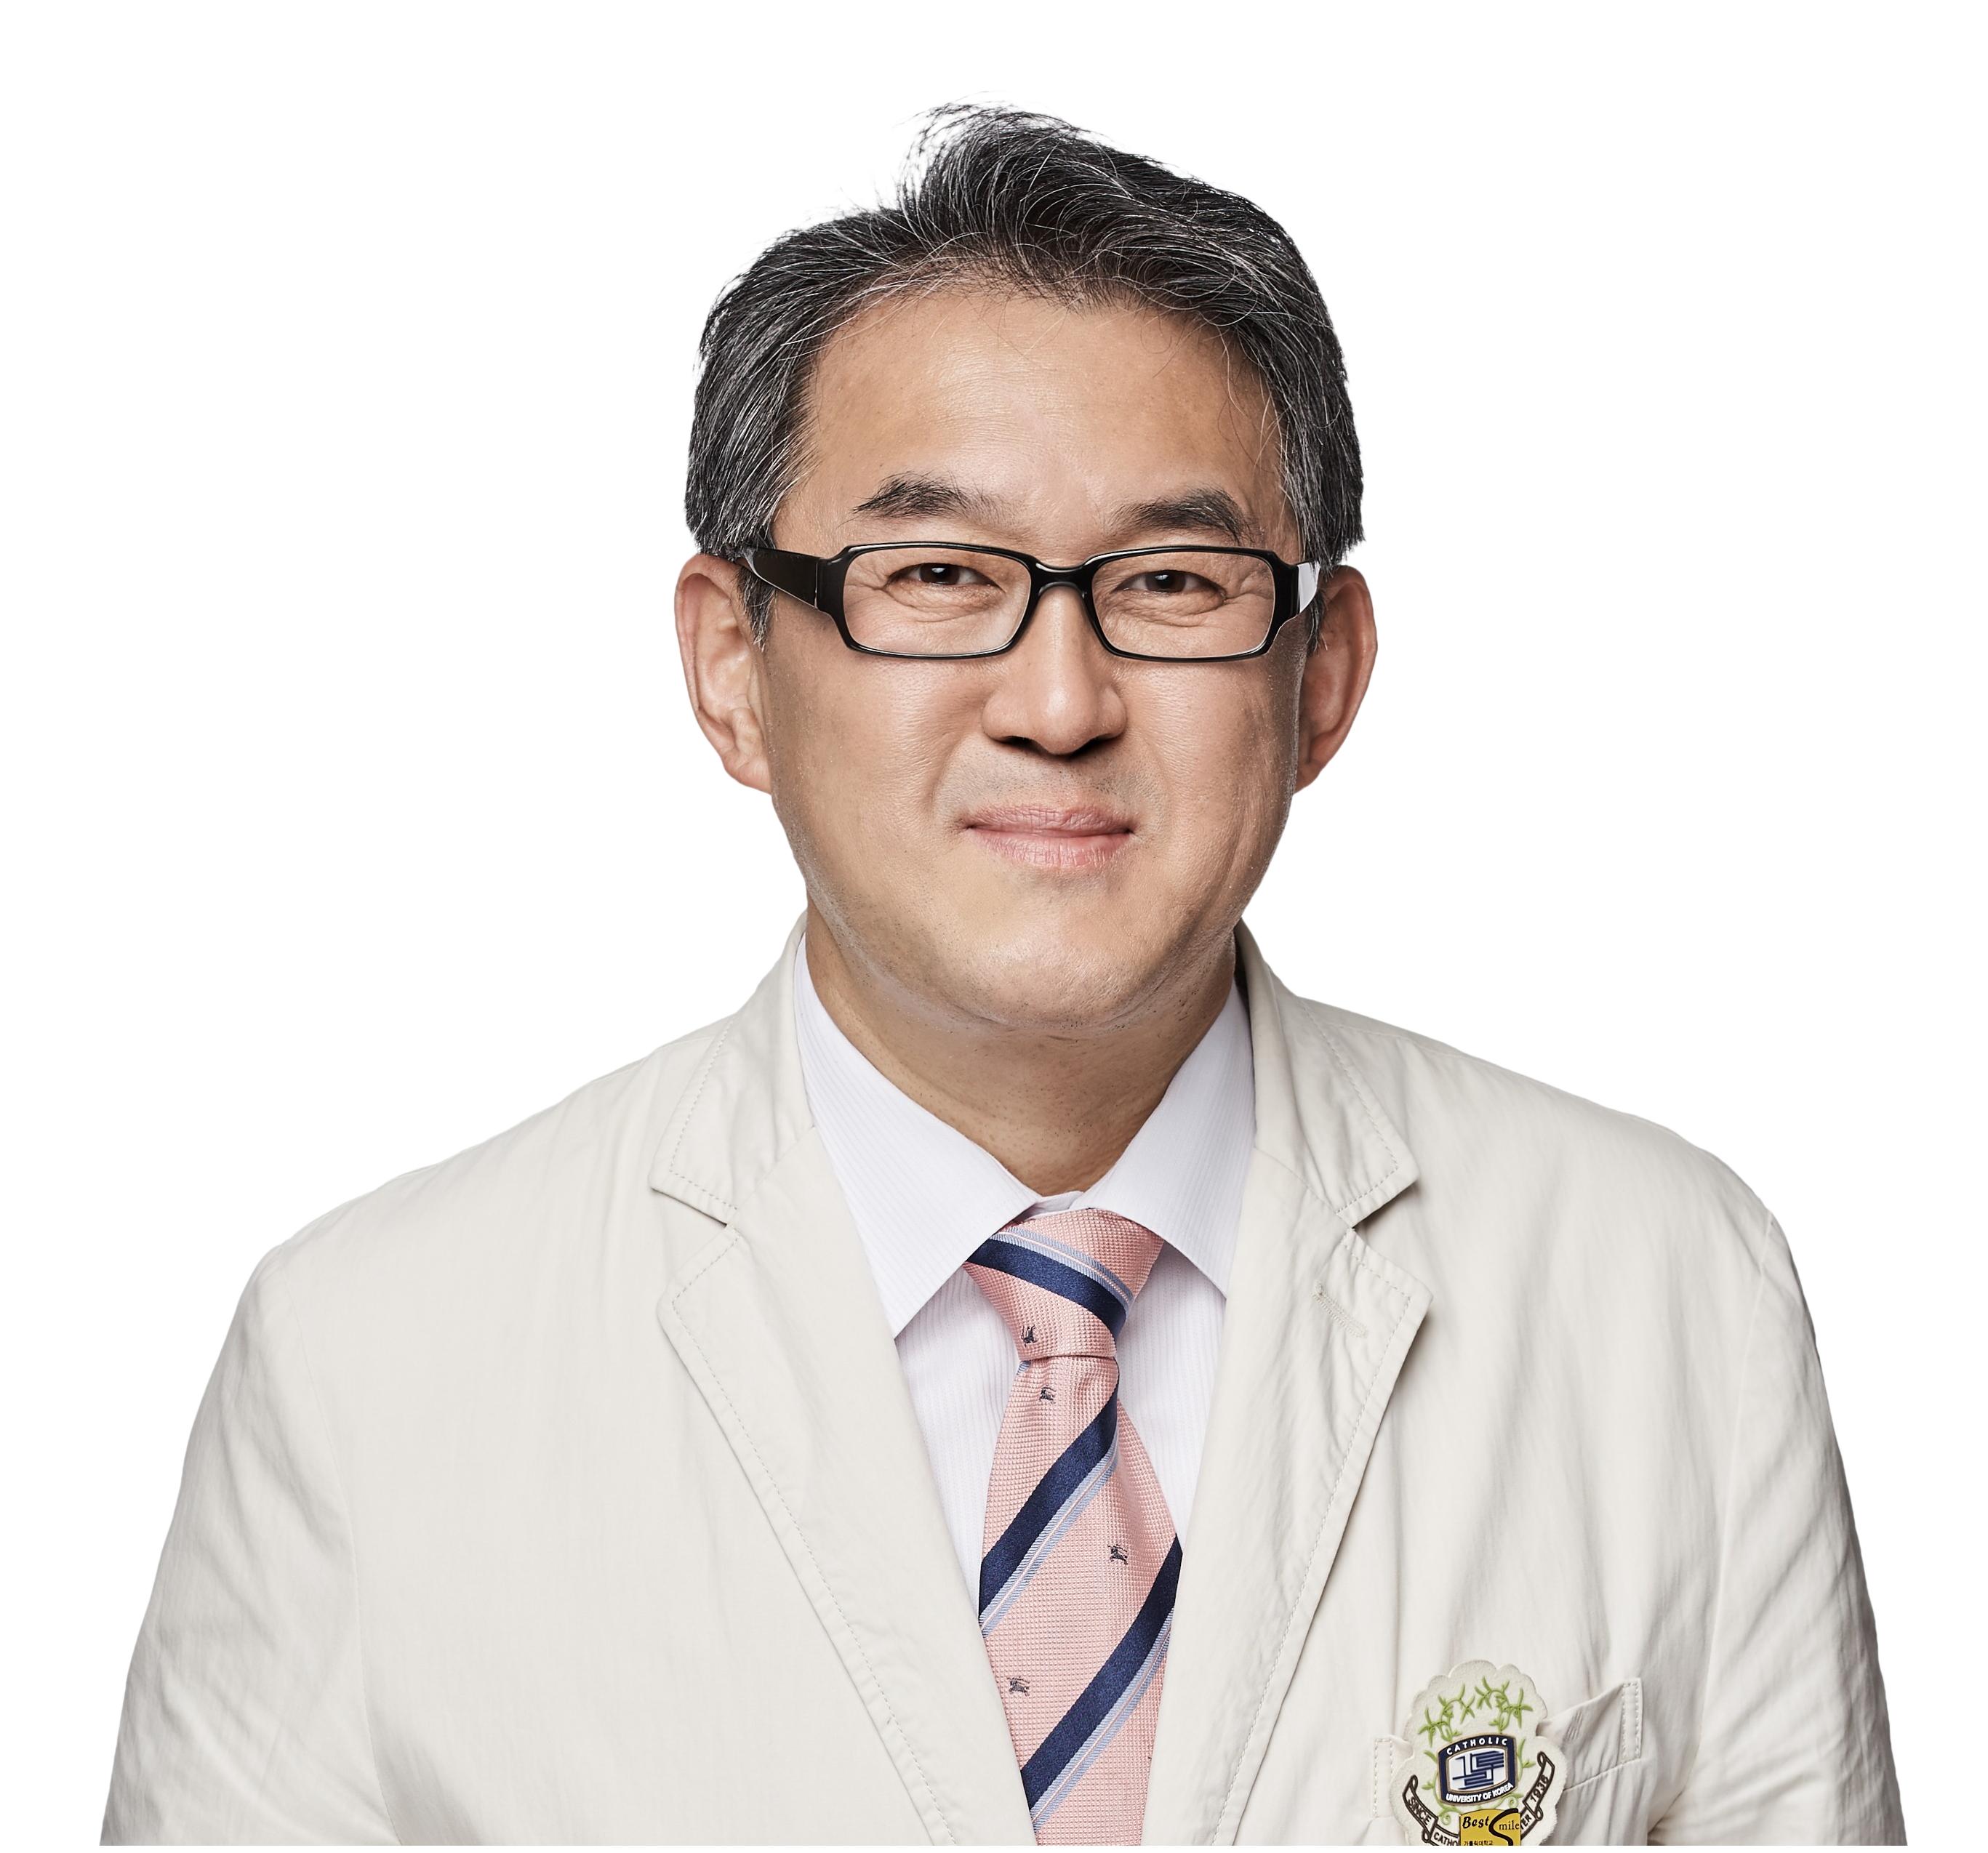 류마티스내과 김완욱 교수